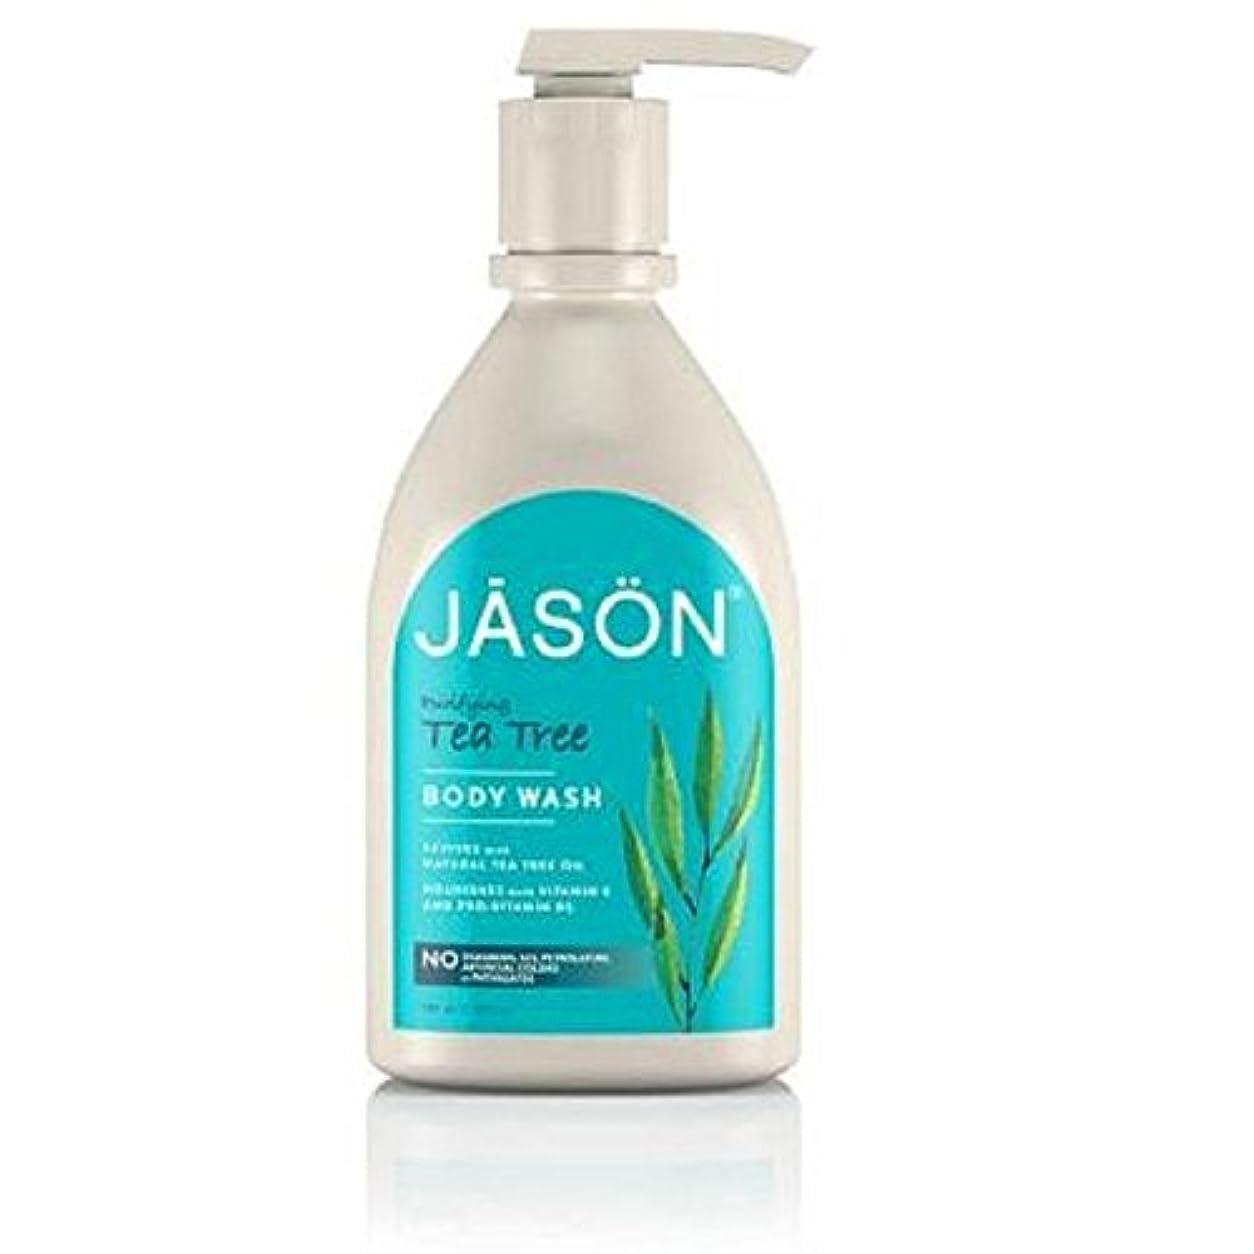 興奮する寂しい無数のJason Tea Tree Satin Body Wash Pump 900ml (Pack of 6) - ジェイソン?ティーツリーサテンボディウォッシュポンプ900ミリリットル x6 [並行輸入品]